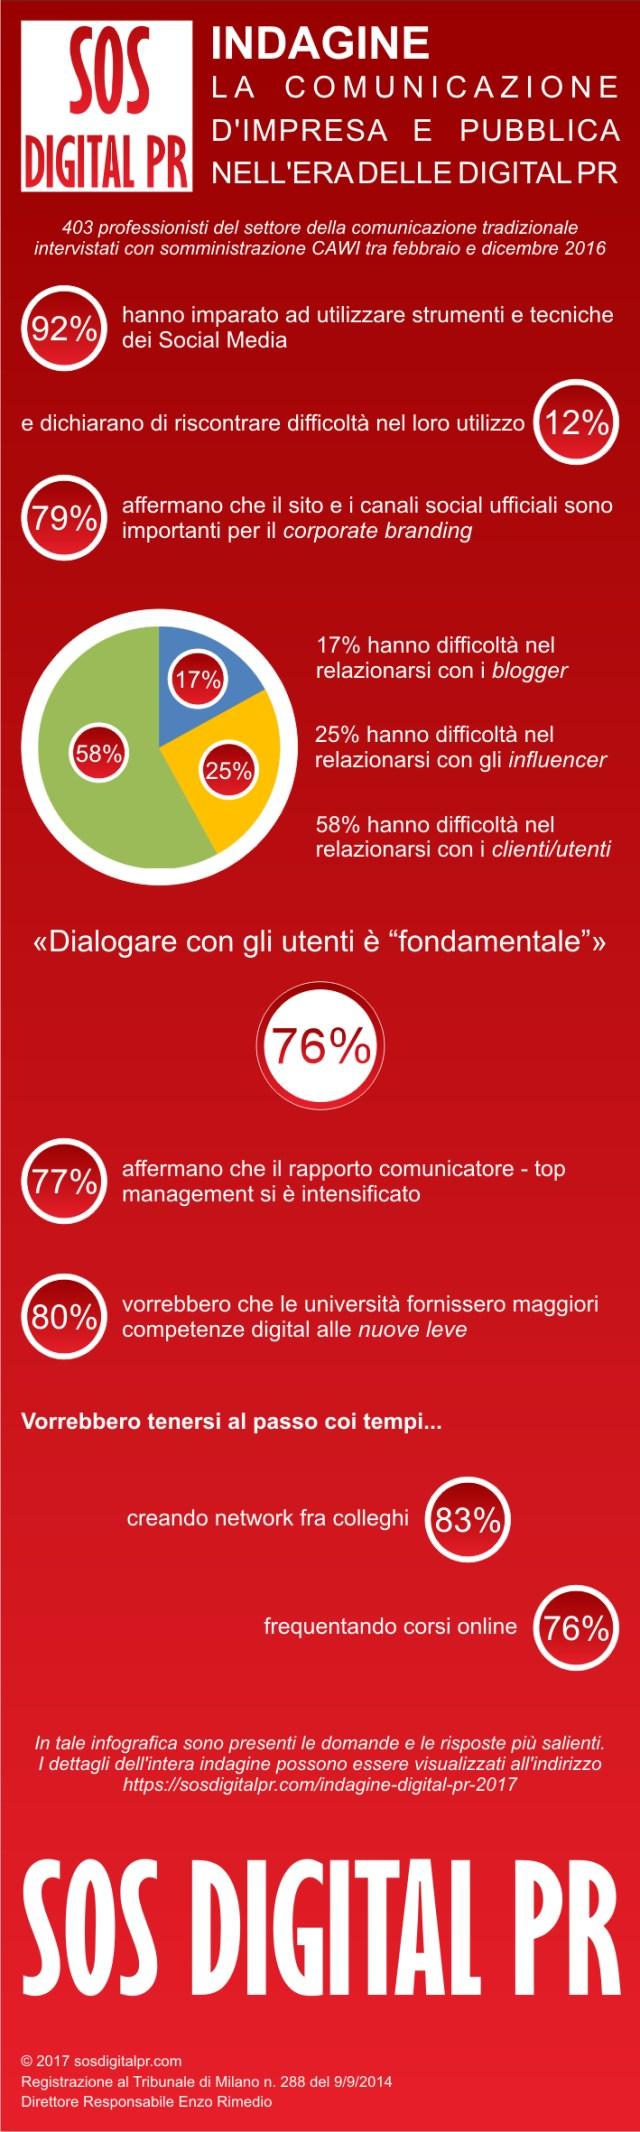 Infografica – Indagine 'La comunicazione nell'era delle Digital PR'